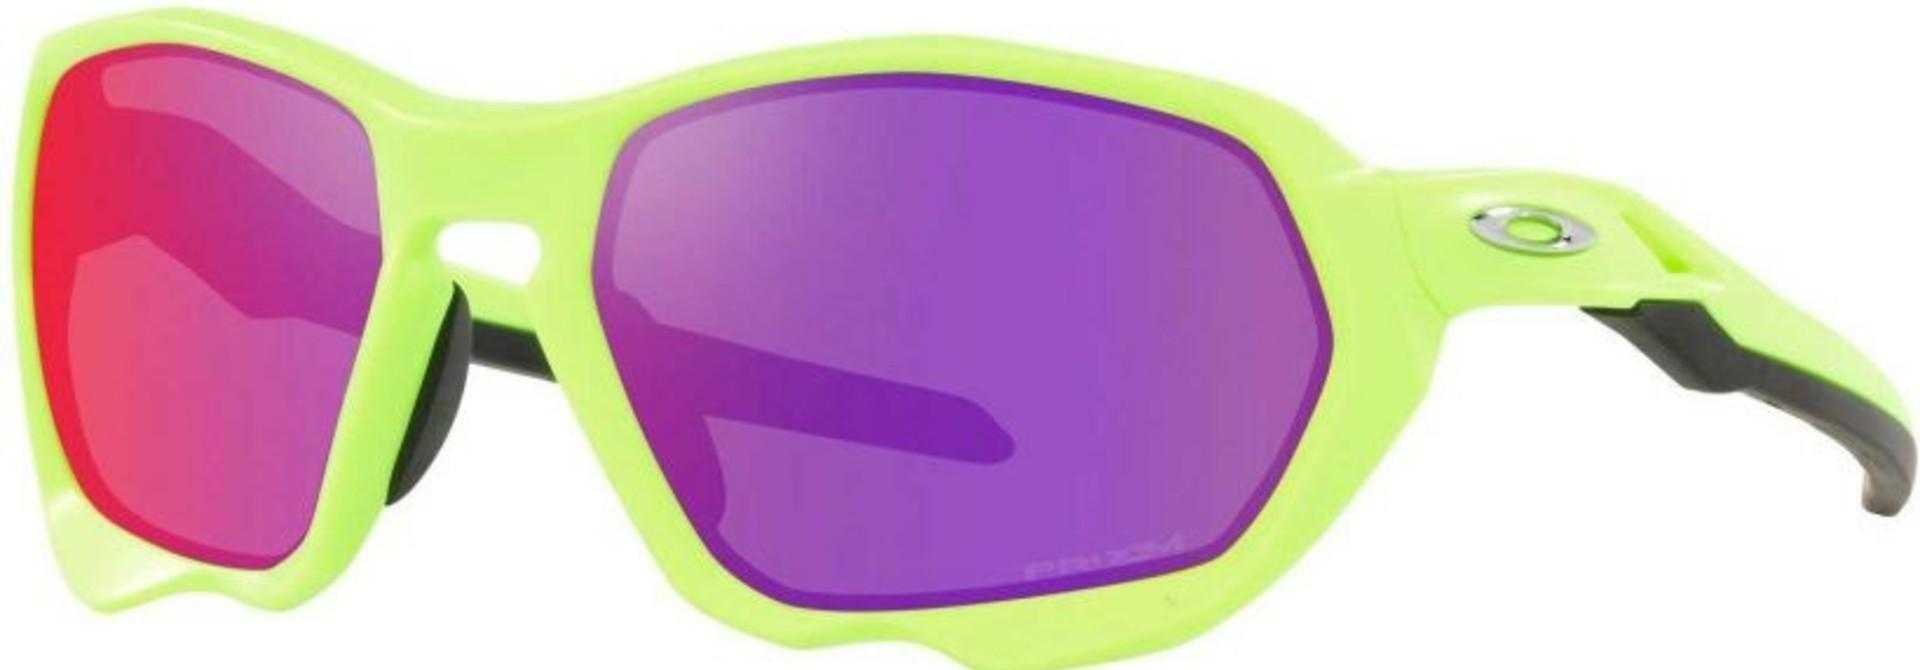 Oakley Plazma OO9019-04